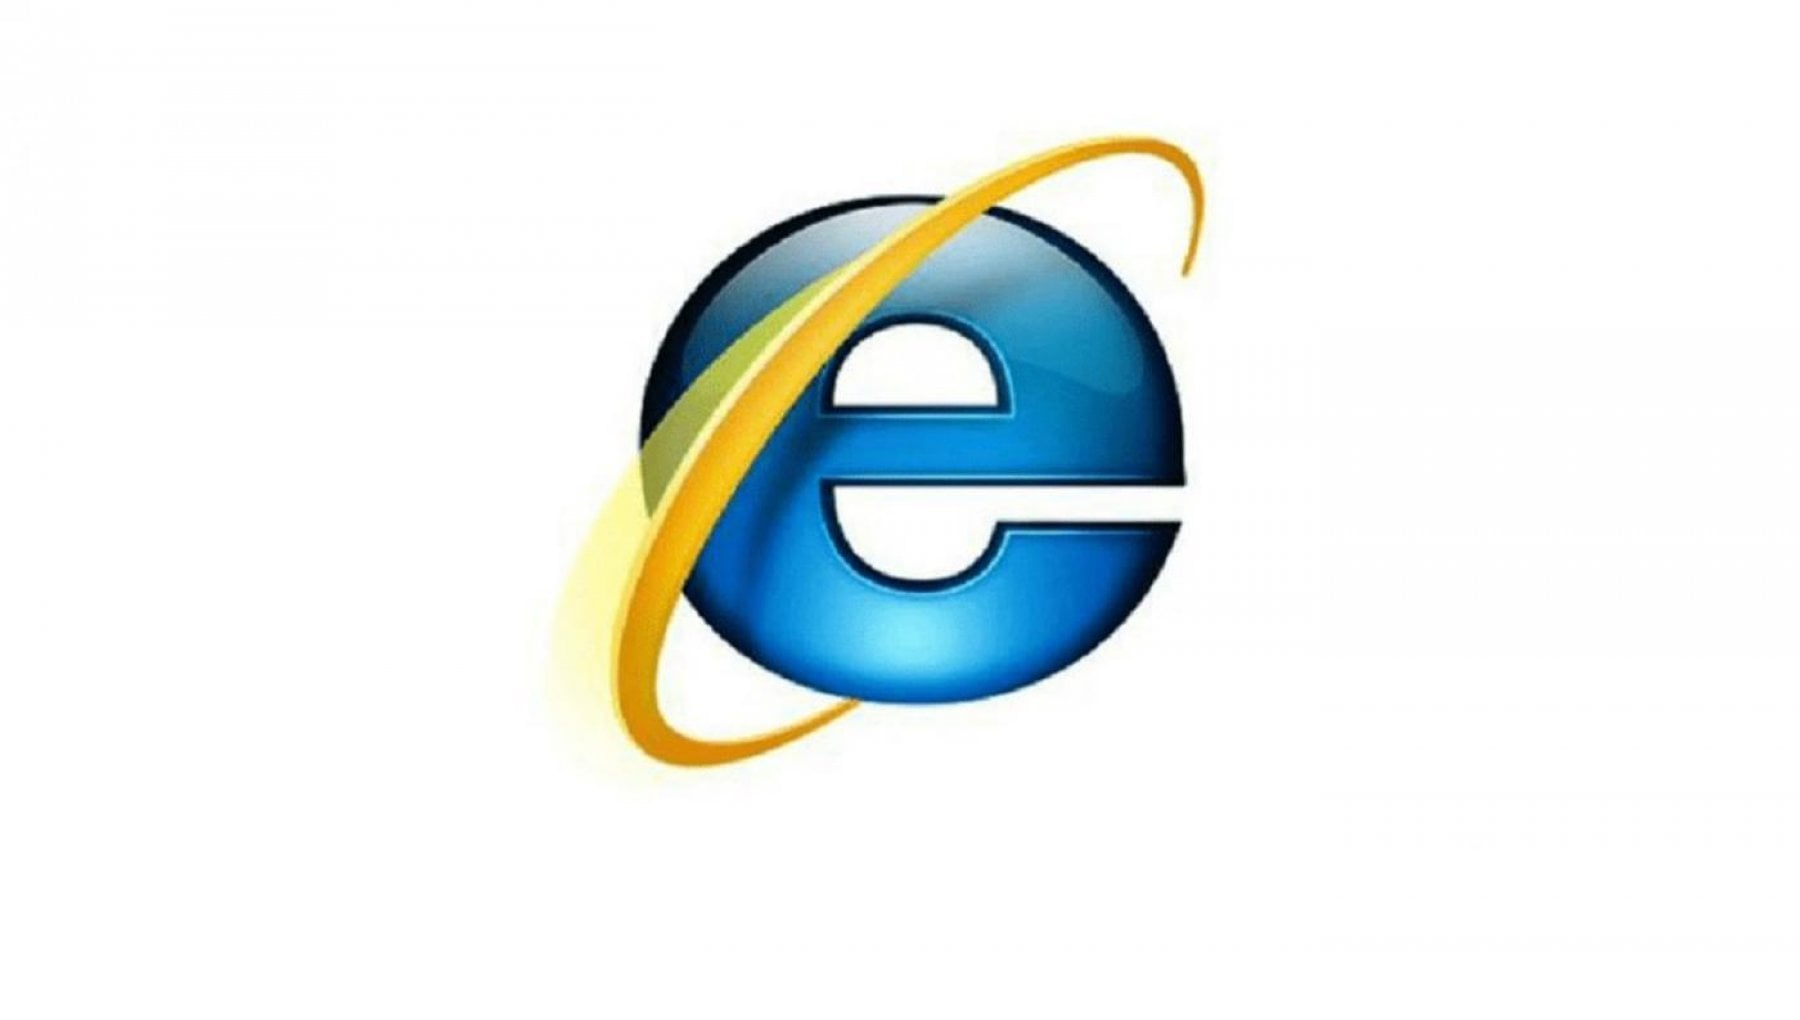 103547280 92bb5a45 89c0 48cf 8d35 379785749bf2 - Internet Explorer al capolinea. Microsoft manda in pensione un pezzo di storia del Web